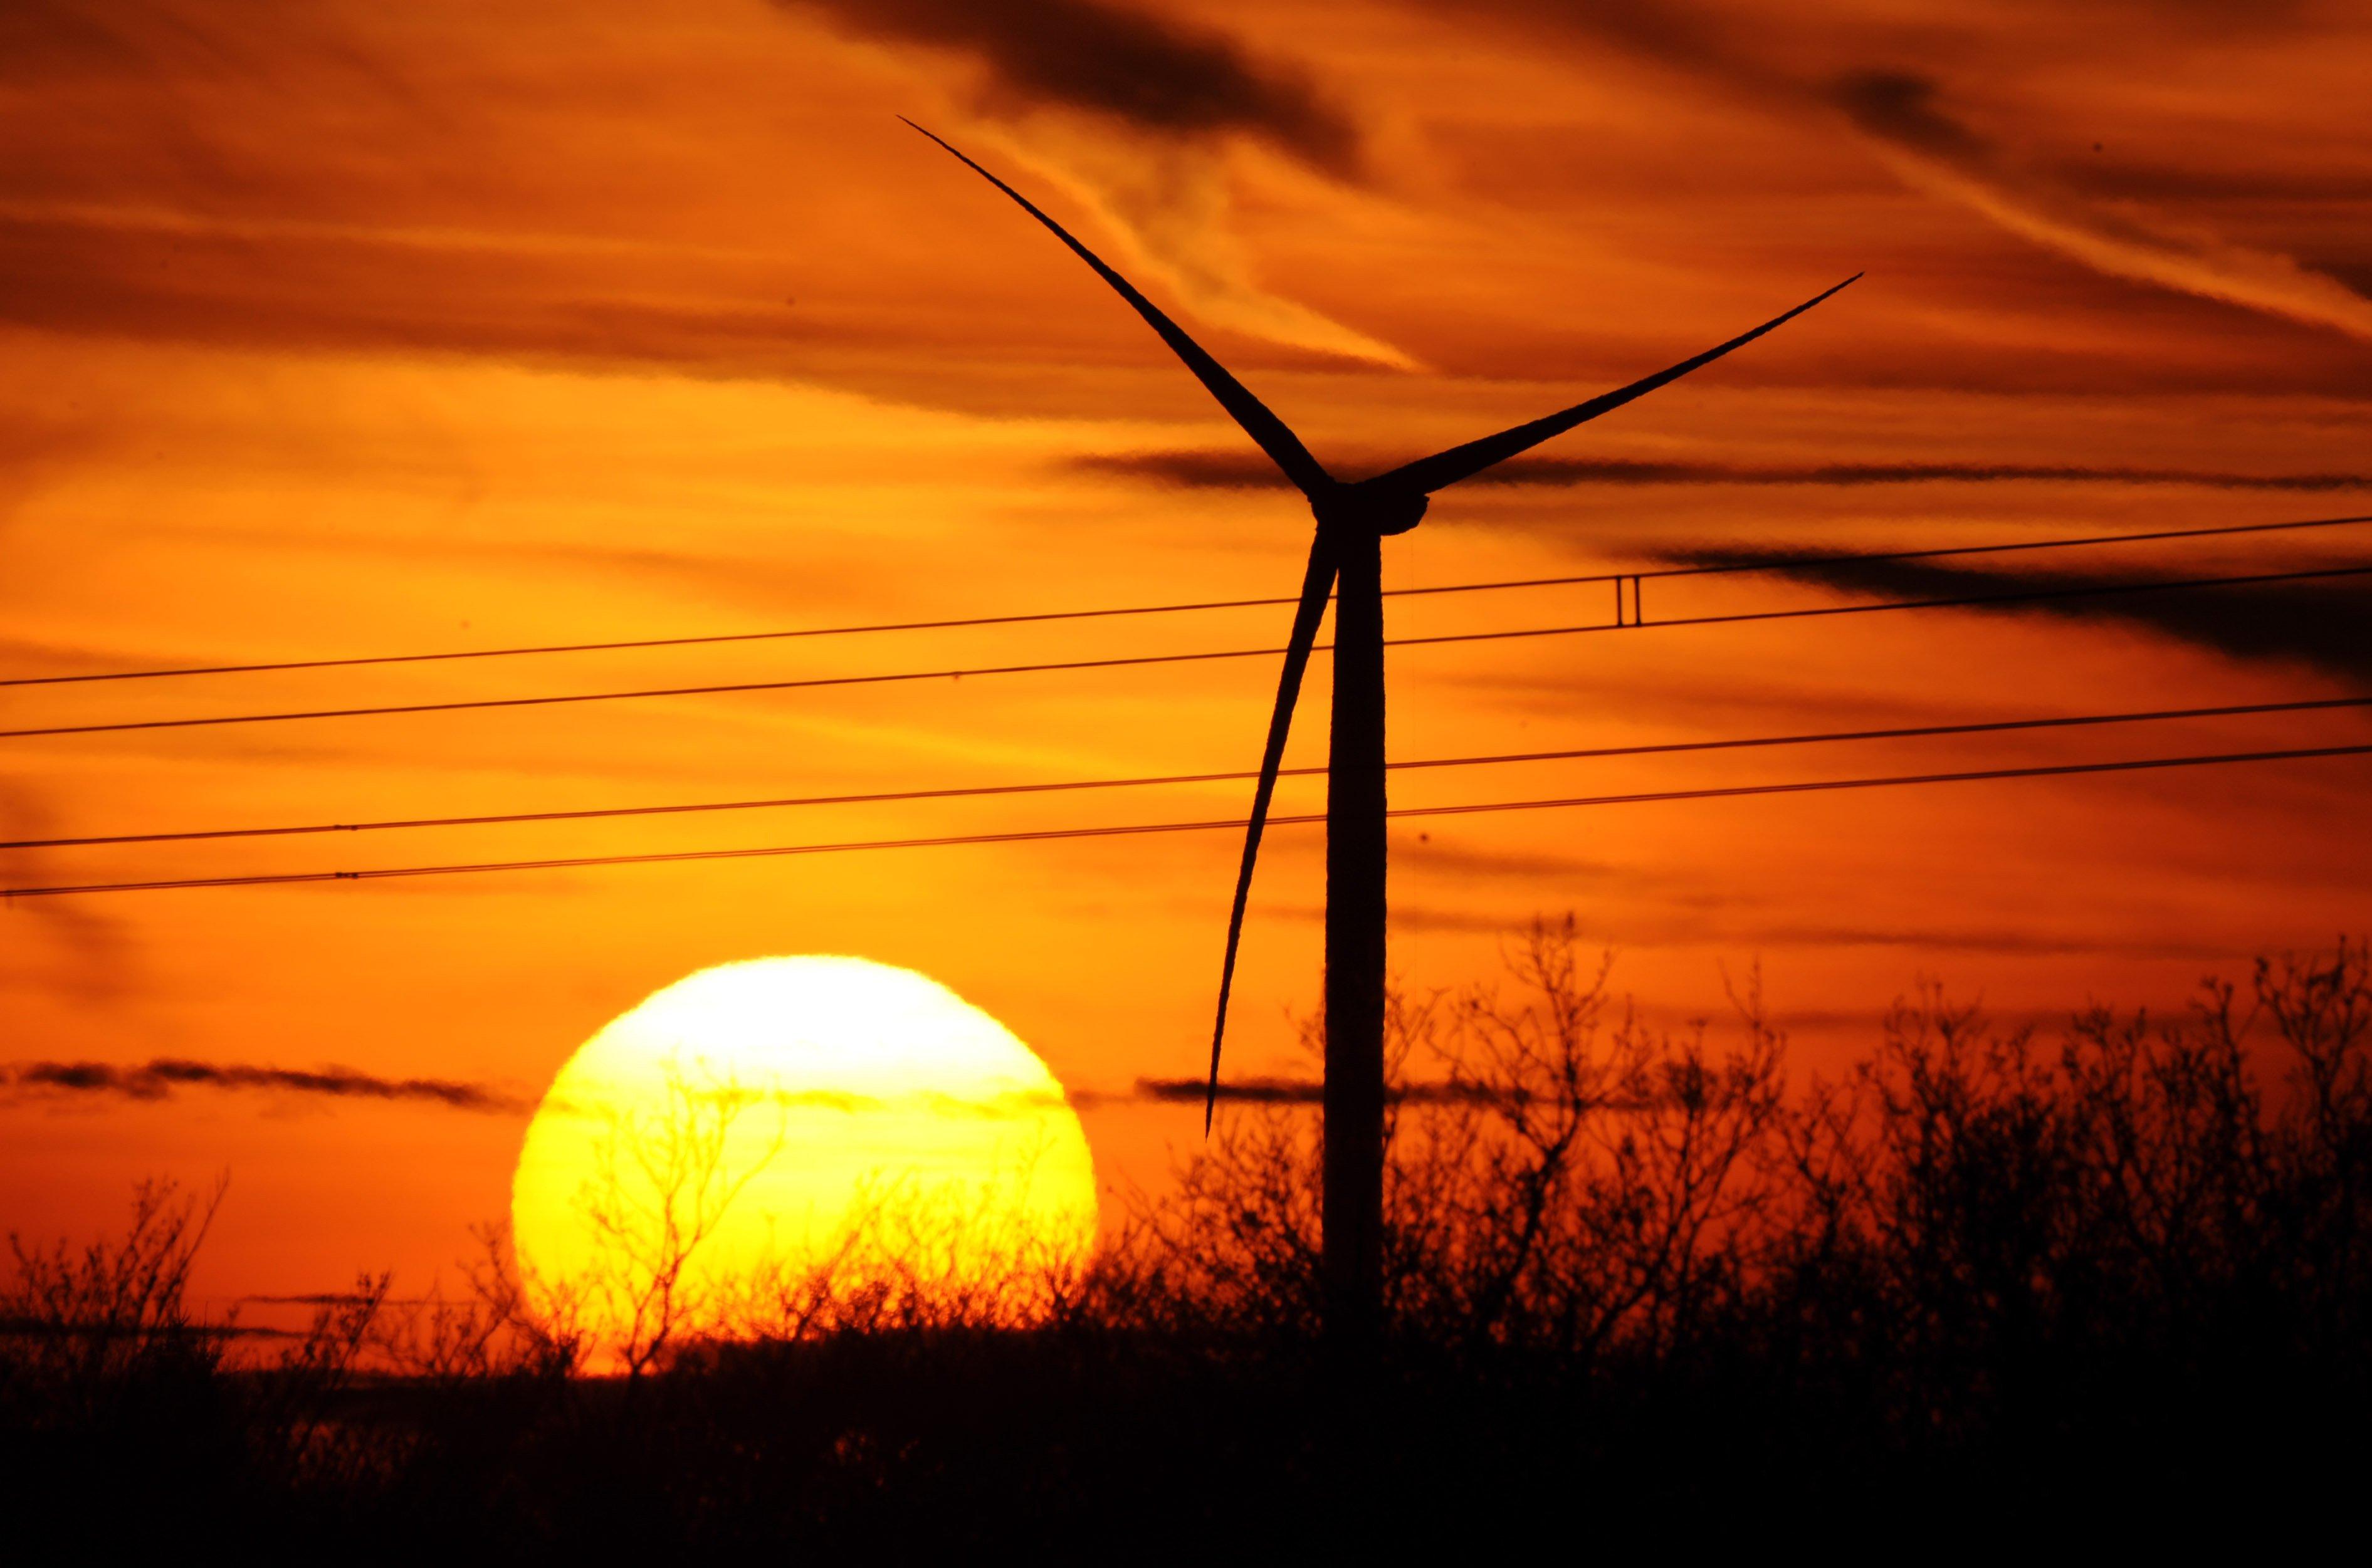 Das Programm ESMAP der Weltbank unterstützt Entwicklungsländer mit Technik- und Beratungs-Know-how dabei, erneuerbare und umweltverträgliche Energien verstärkt einzusetzen. Mehr als 100 Projekte werden derzeit von ESMAP gefördert.